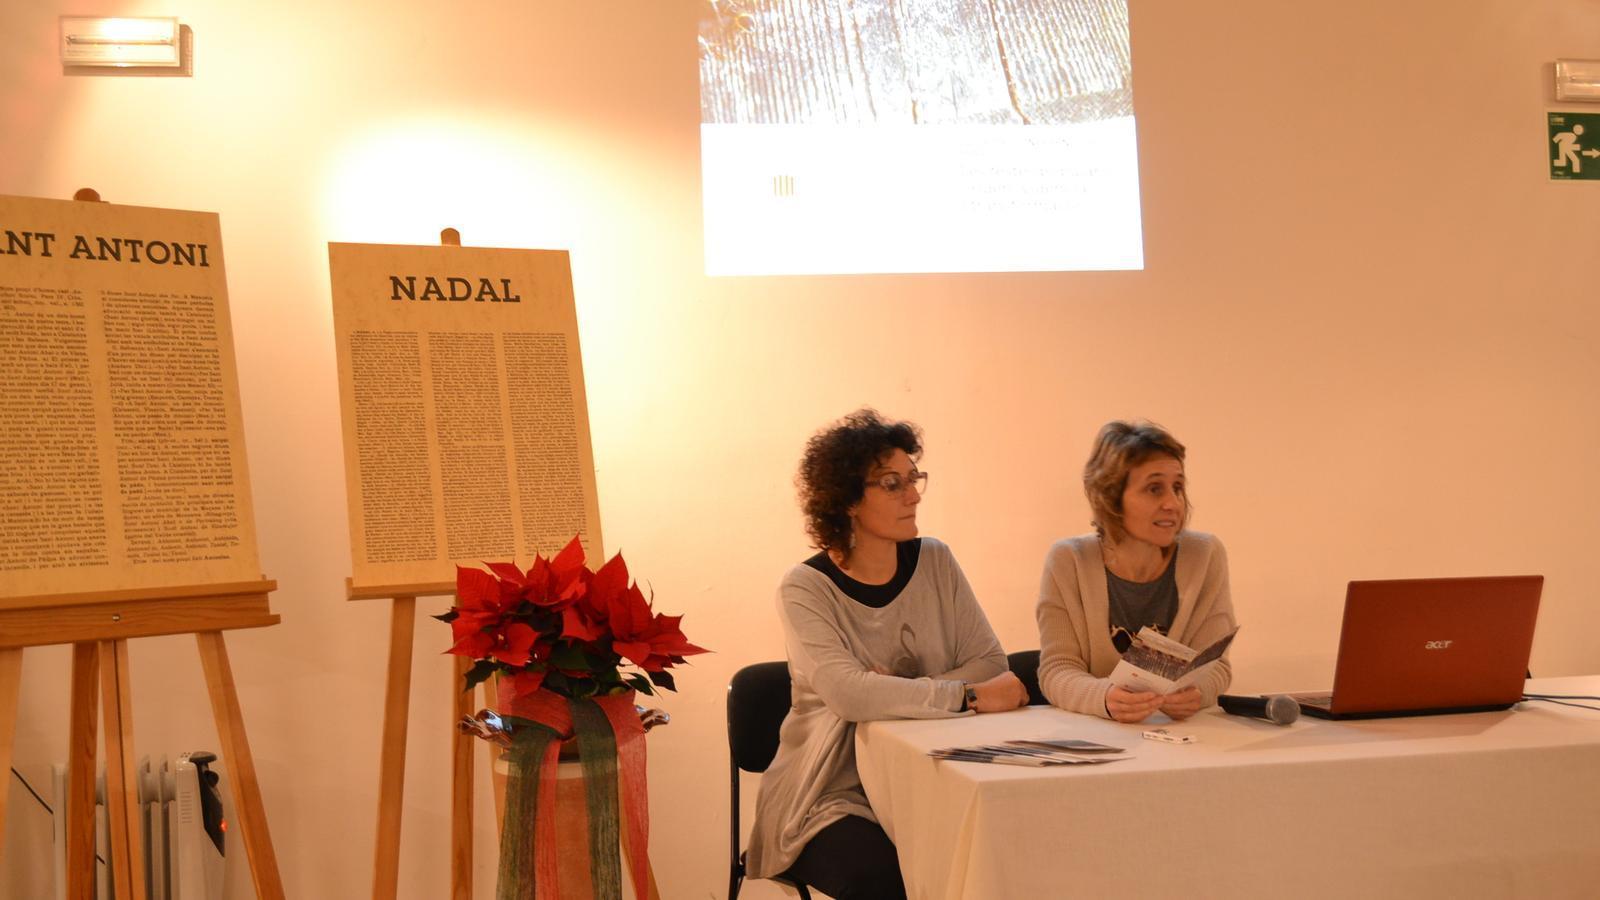 La regidora Antònia Llodrà i la gerent de la Institució Alcover, Bàrbara Sagrera, durant la presentació del cicle de conferències.